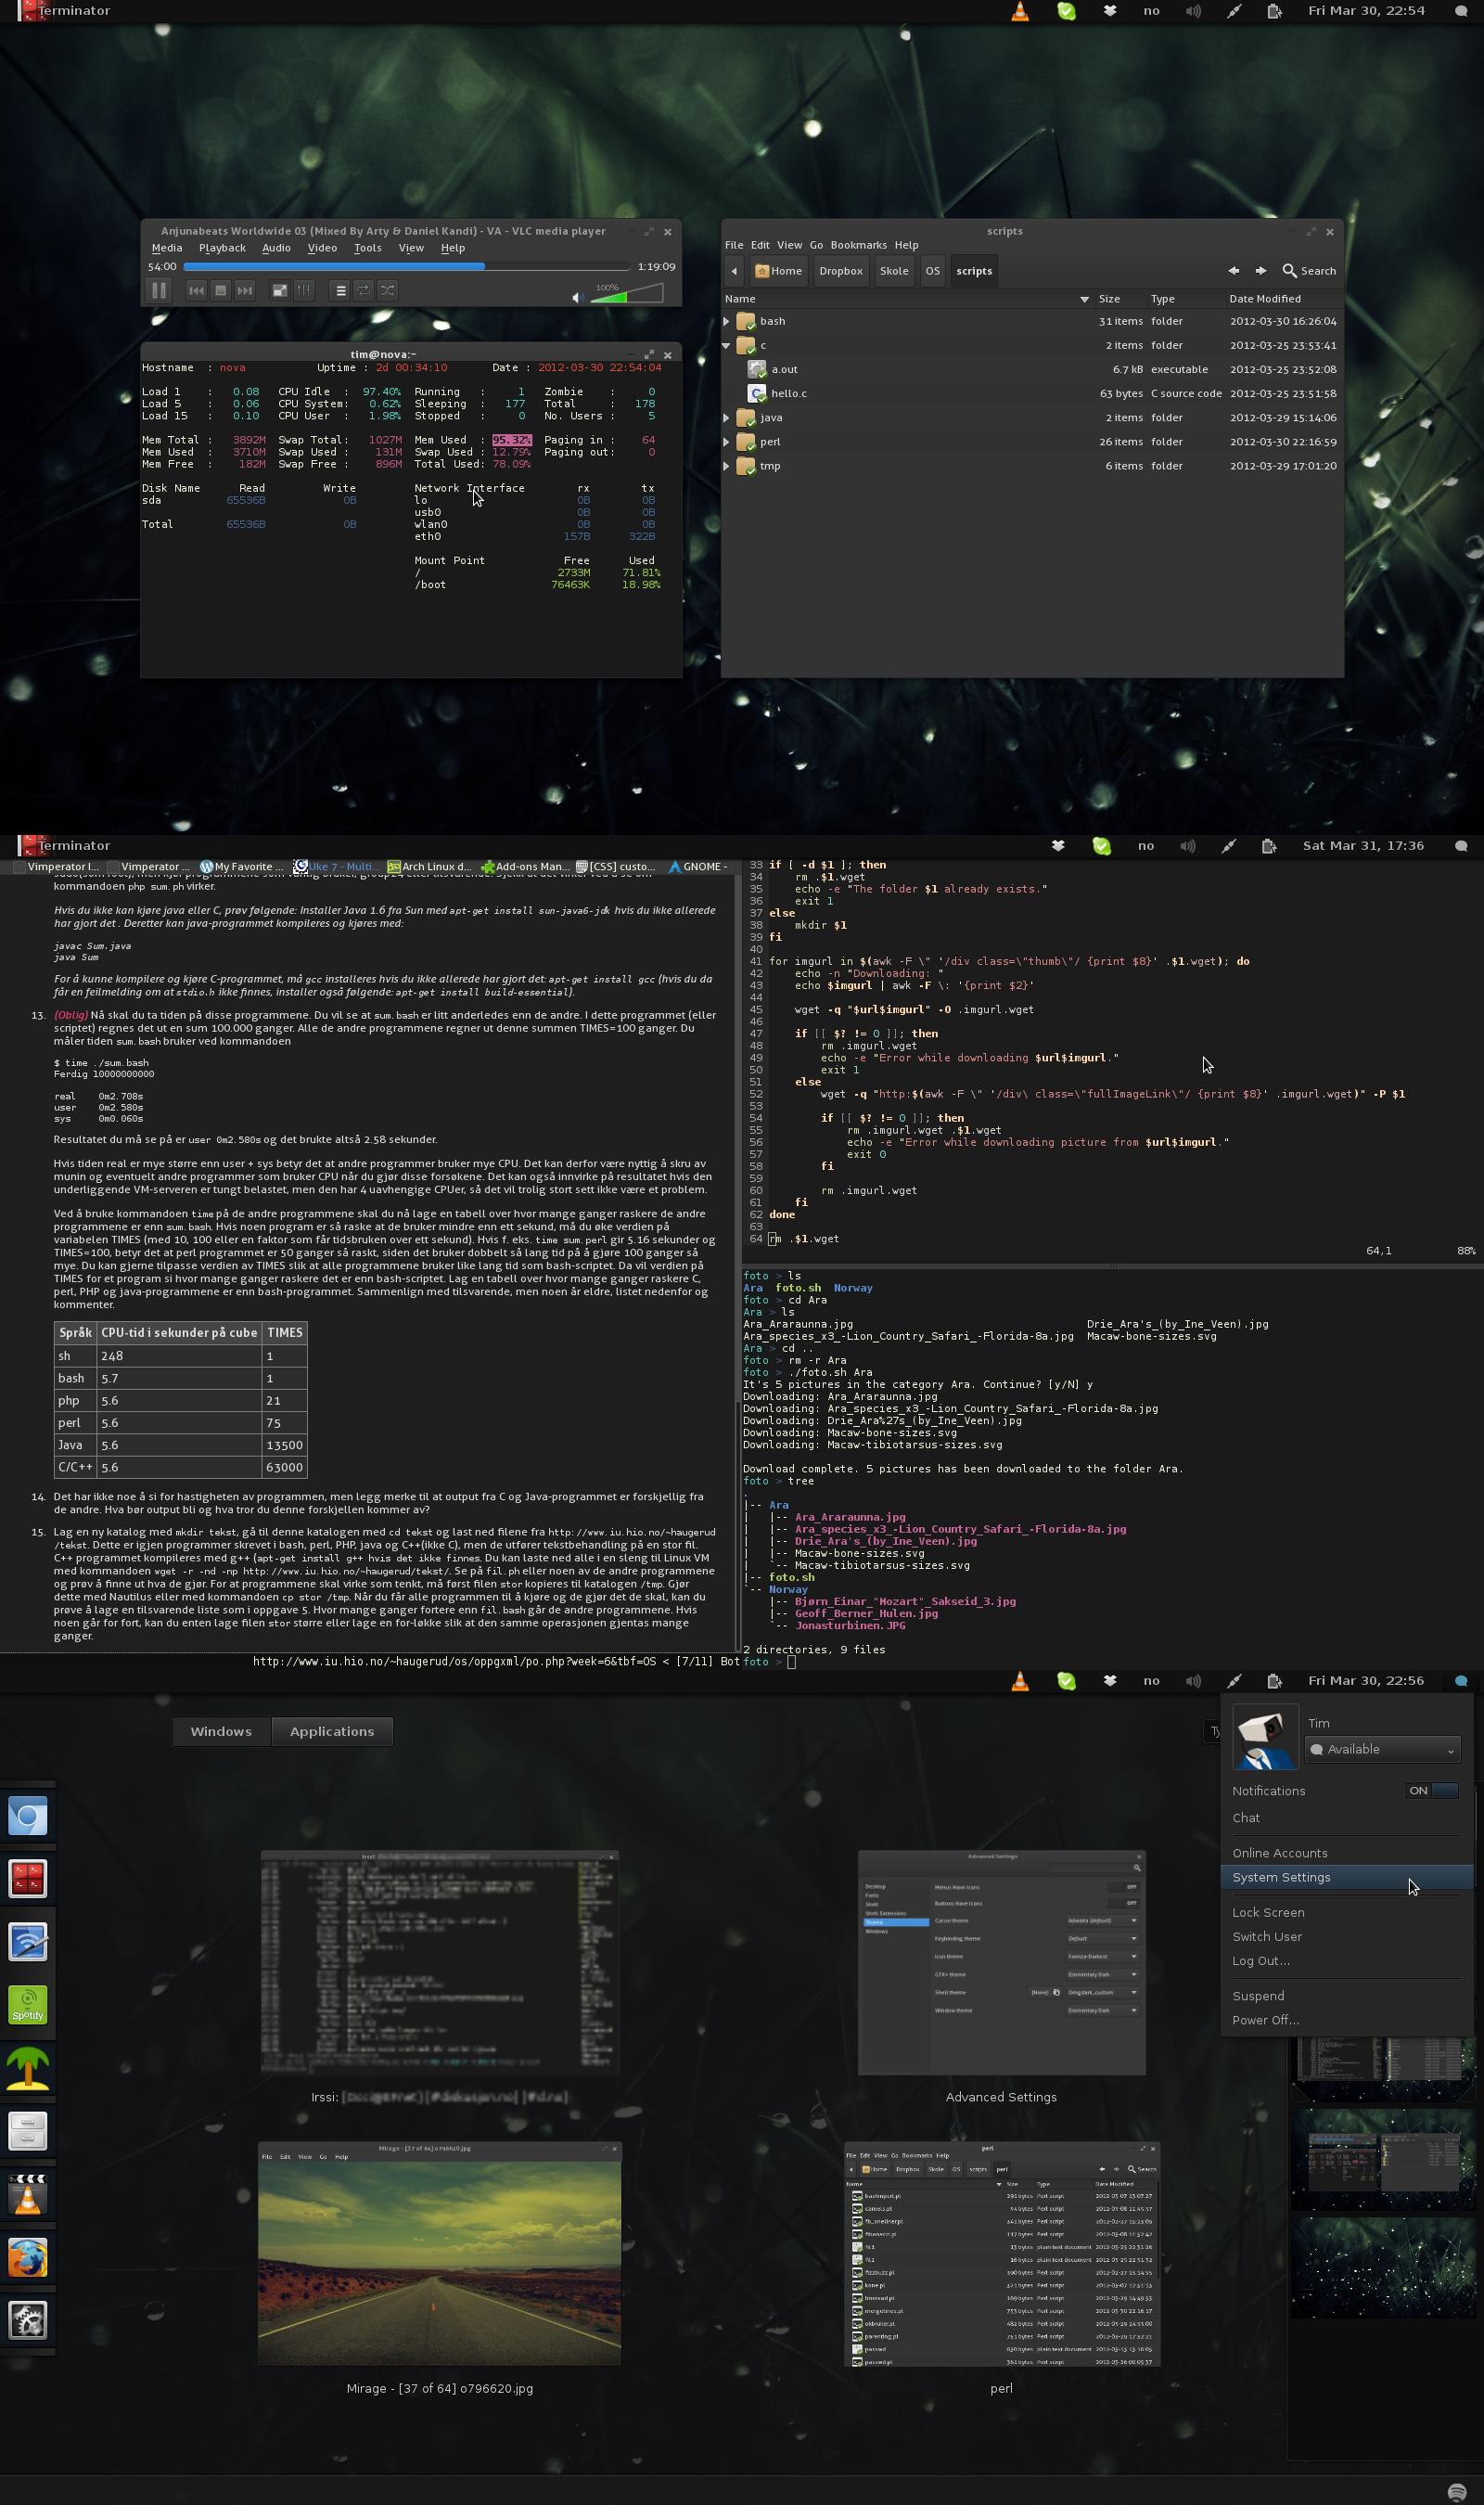 Arch Linux desktop - Gnome 3 Dark by kjeksomanen